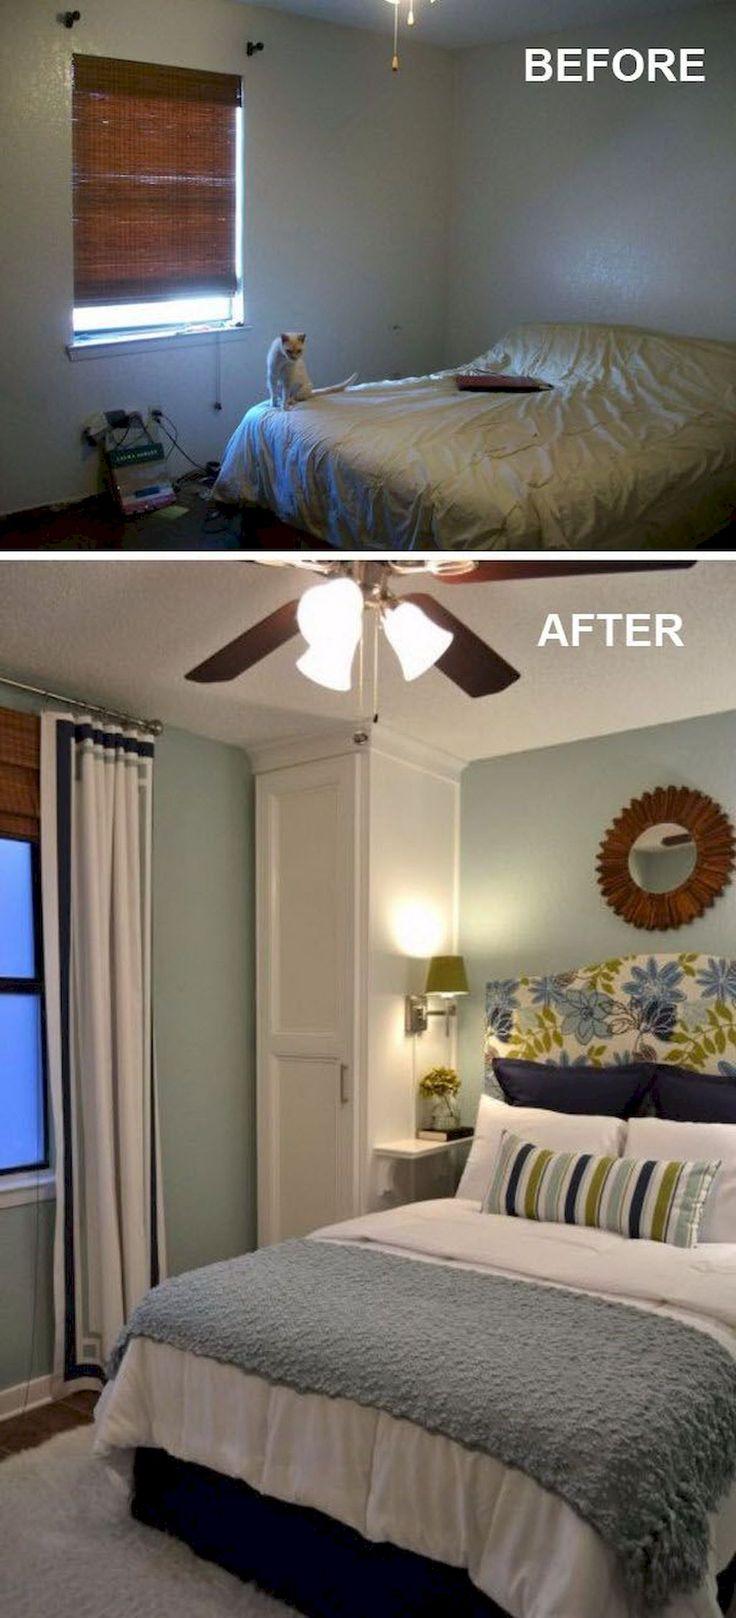 Minimalist Bedroom Decor Ideas: Best 20+ Minimalist Bedroom Ideas On Pinterest